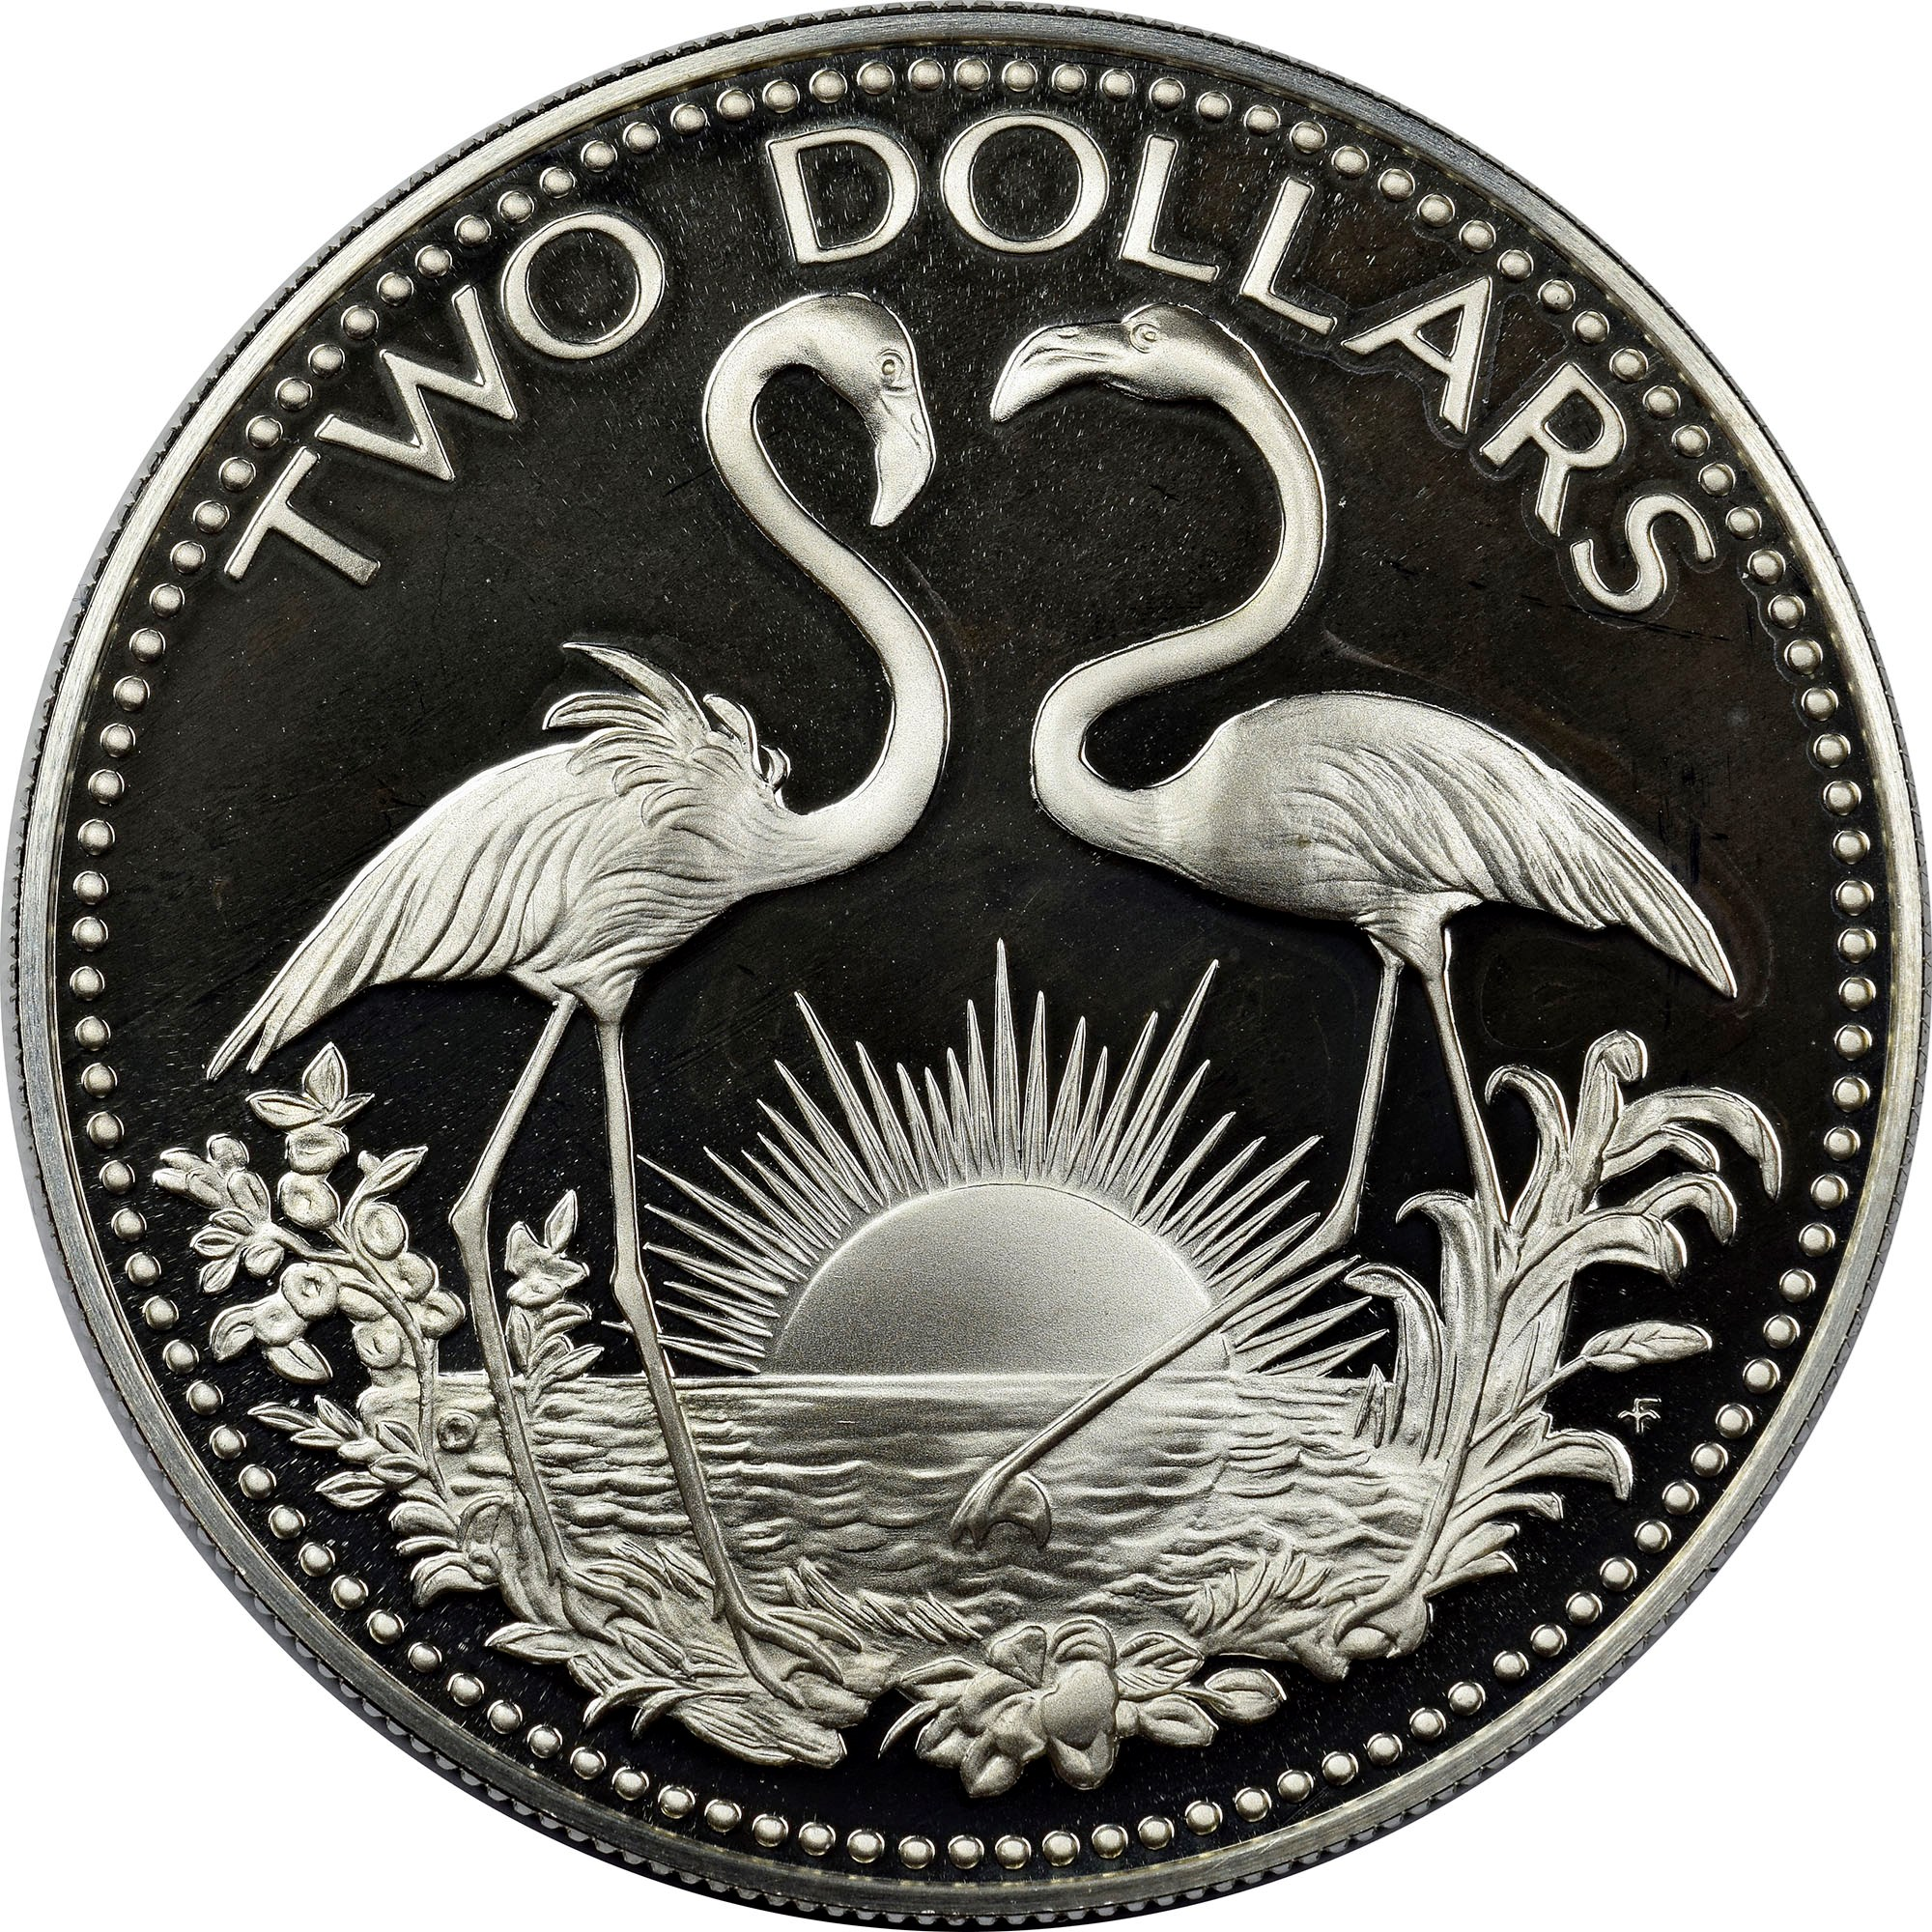 Bahamas 2 Dollars reverse